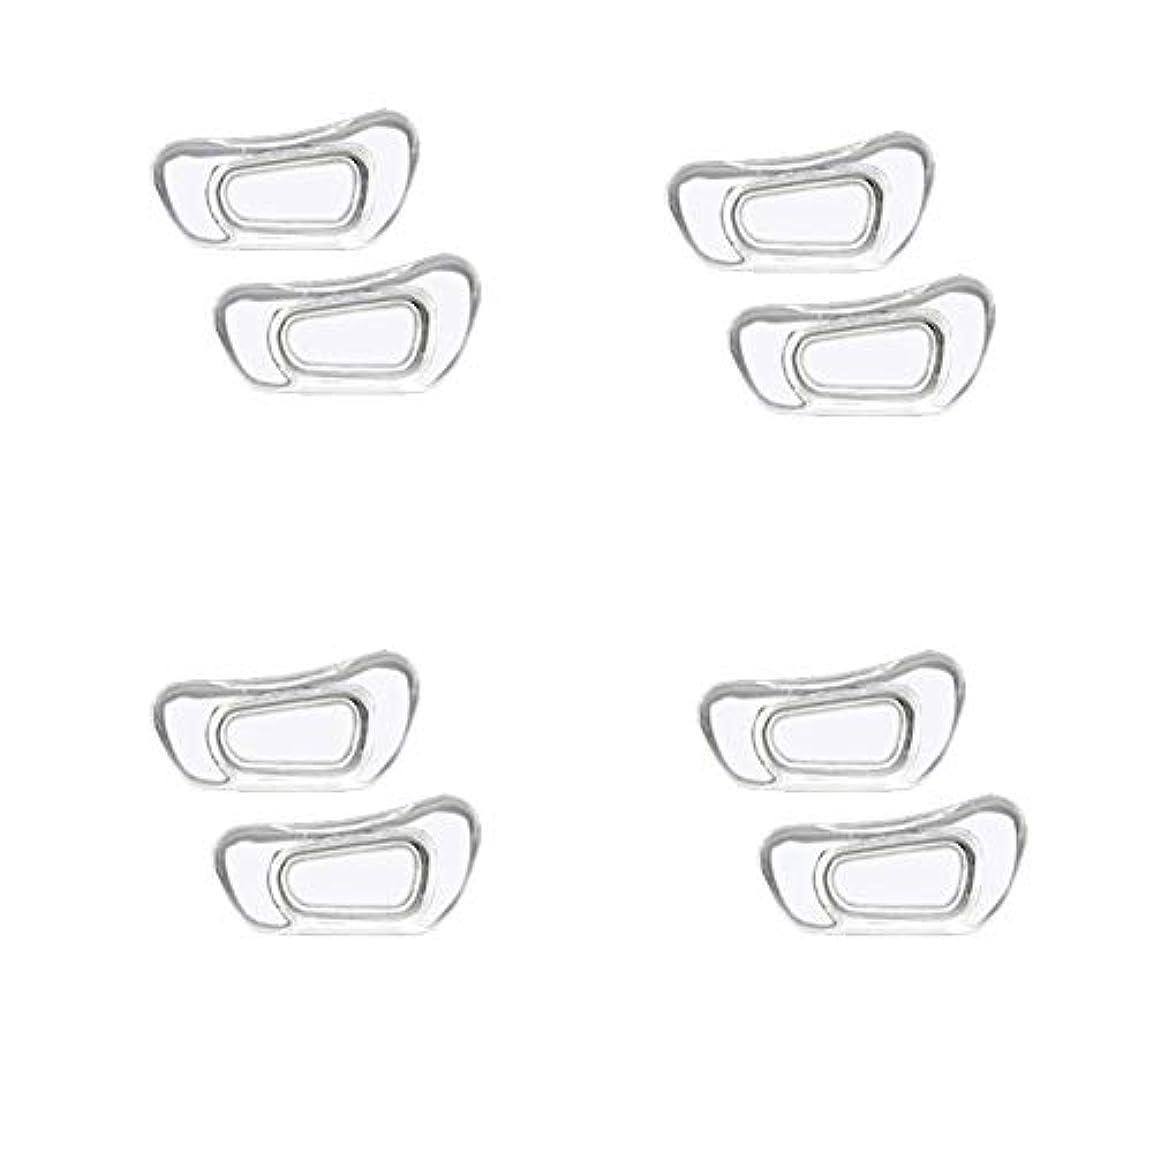 モニカ不機嫌そうな代表してChinashow 4ペア透明シリコーン眼鏡 ノーズパッド - クラスプは#15スーパーソフトノンスリップ鼻パッド 入力します